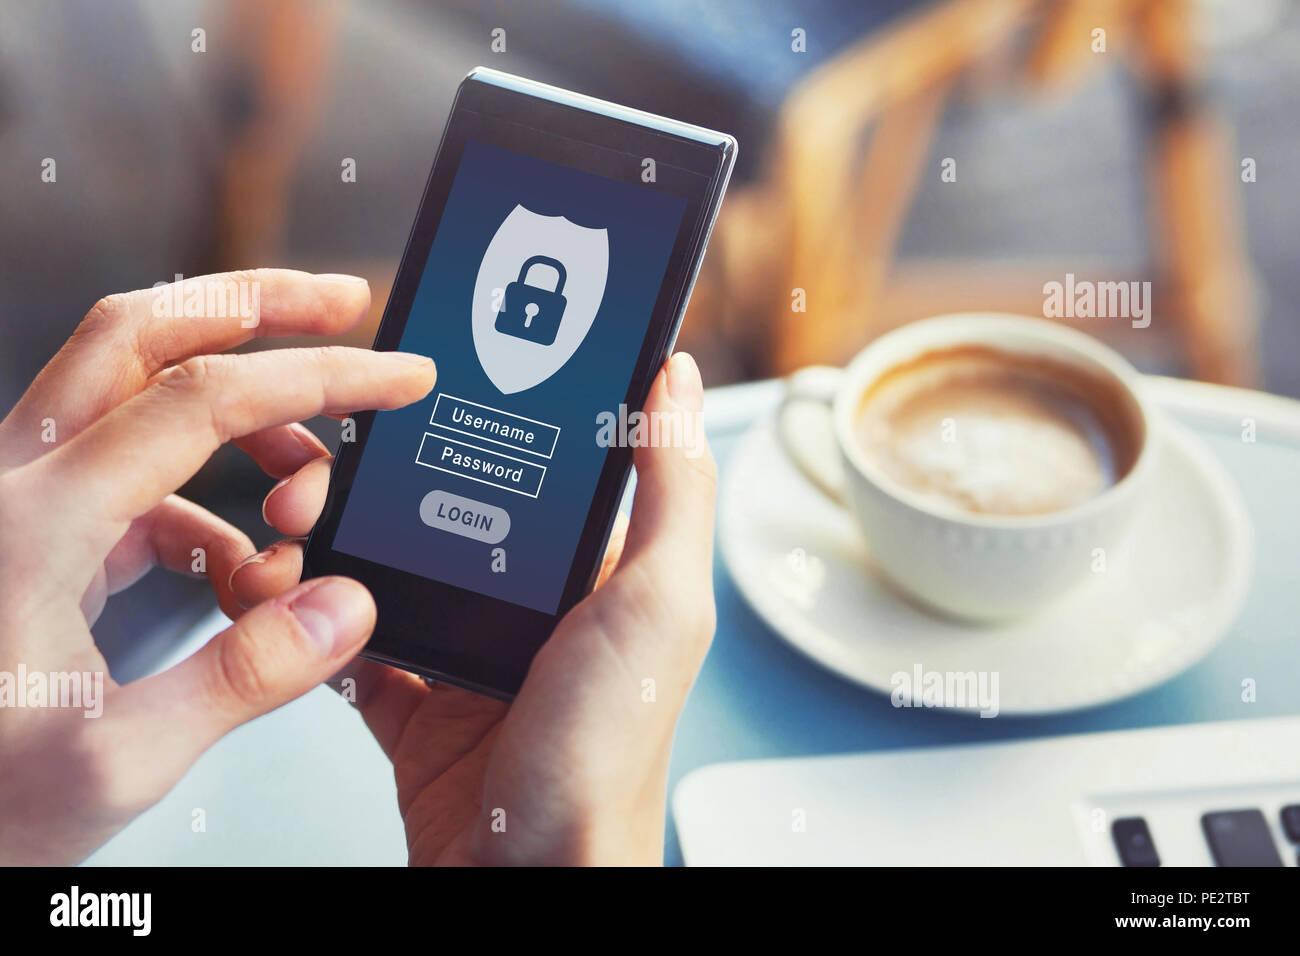 Login mobile App, Cybersecurity, privaten Zugang mit Benutzername und Passwort zu personenbezogenen Daten, Konzept auf dem Bildschirm des Smartphones Stockbild